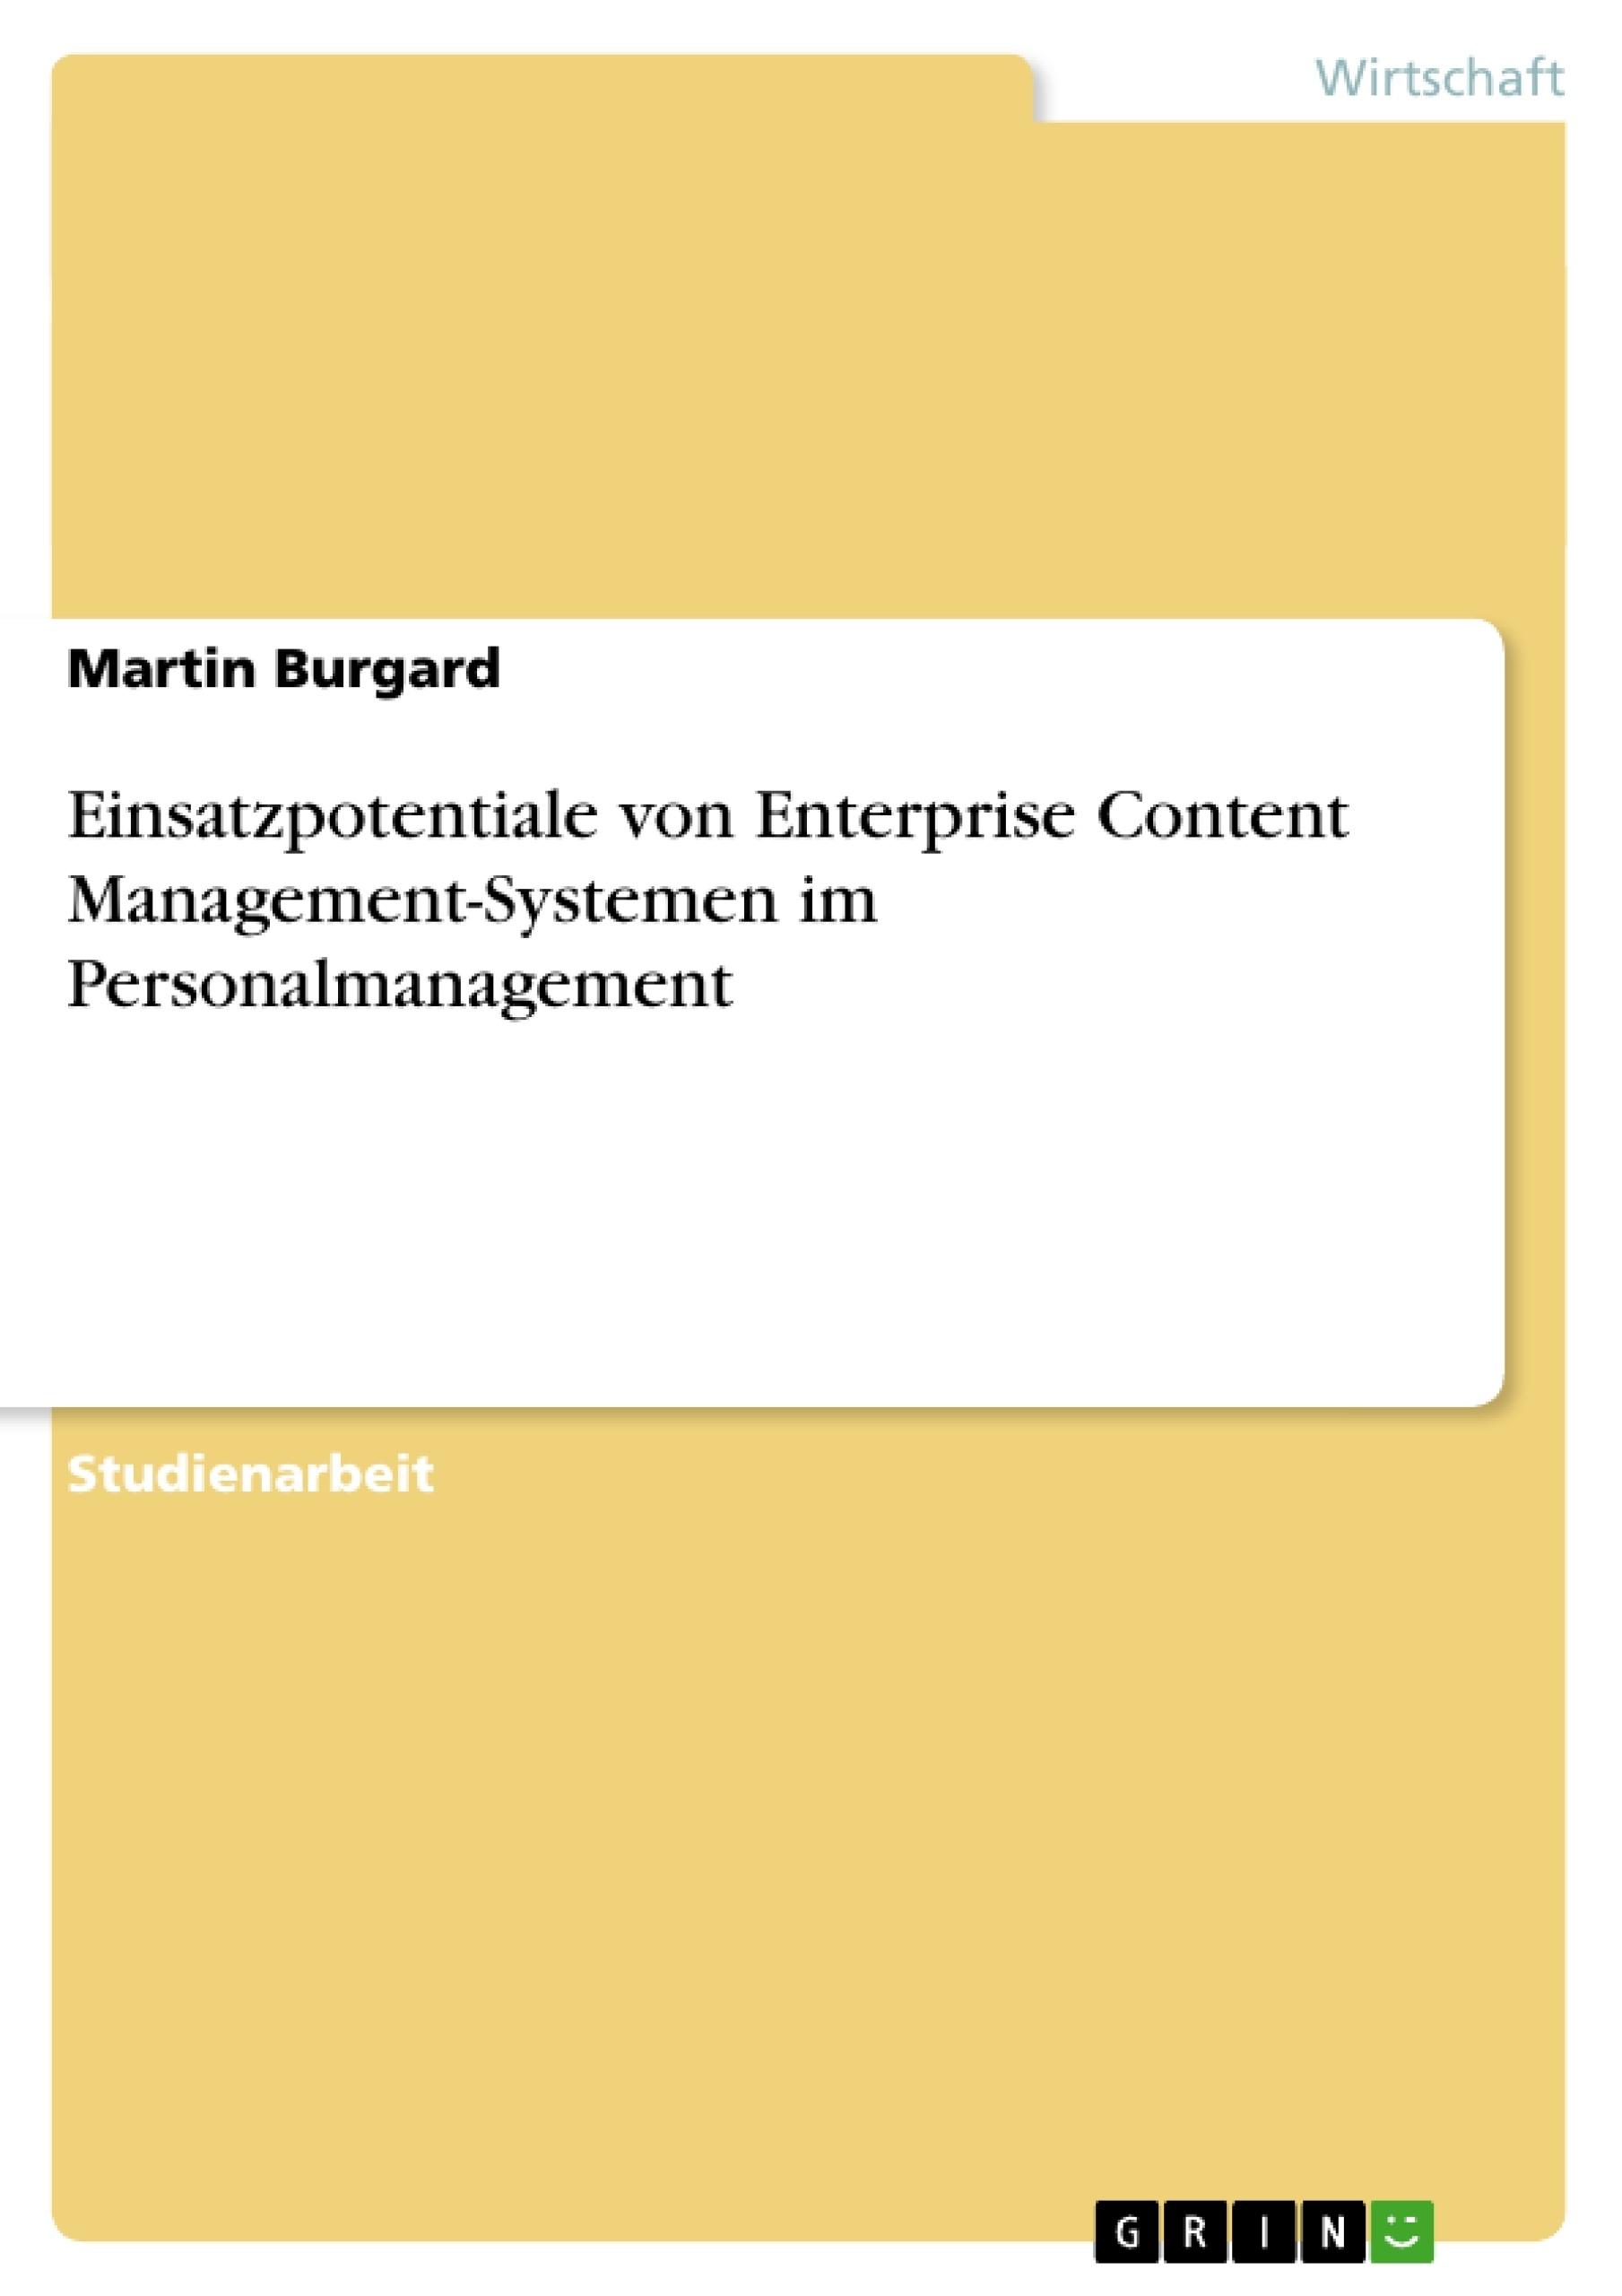 Titel: Einsatzpotentiale von Enterprise Content Management-Systemen im Personalmanagement